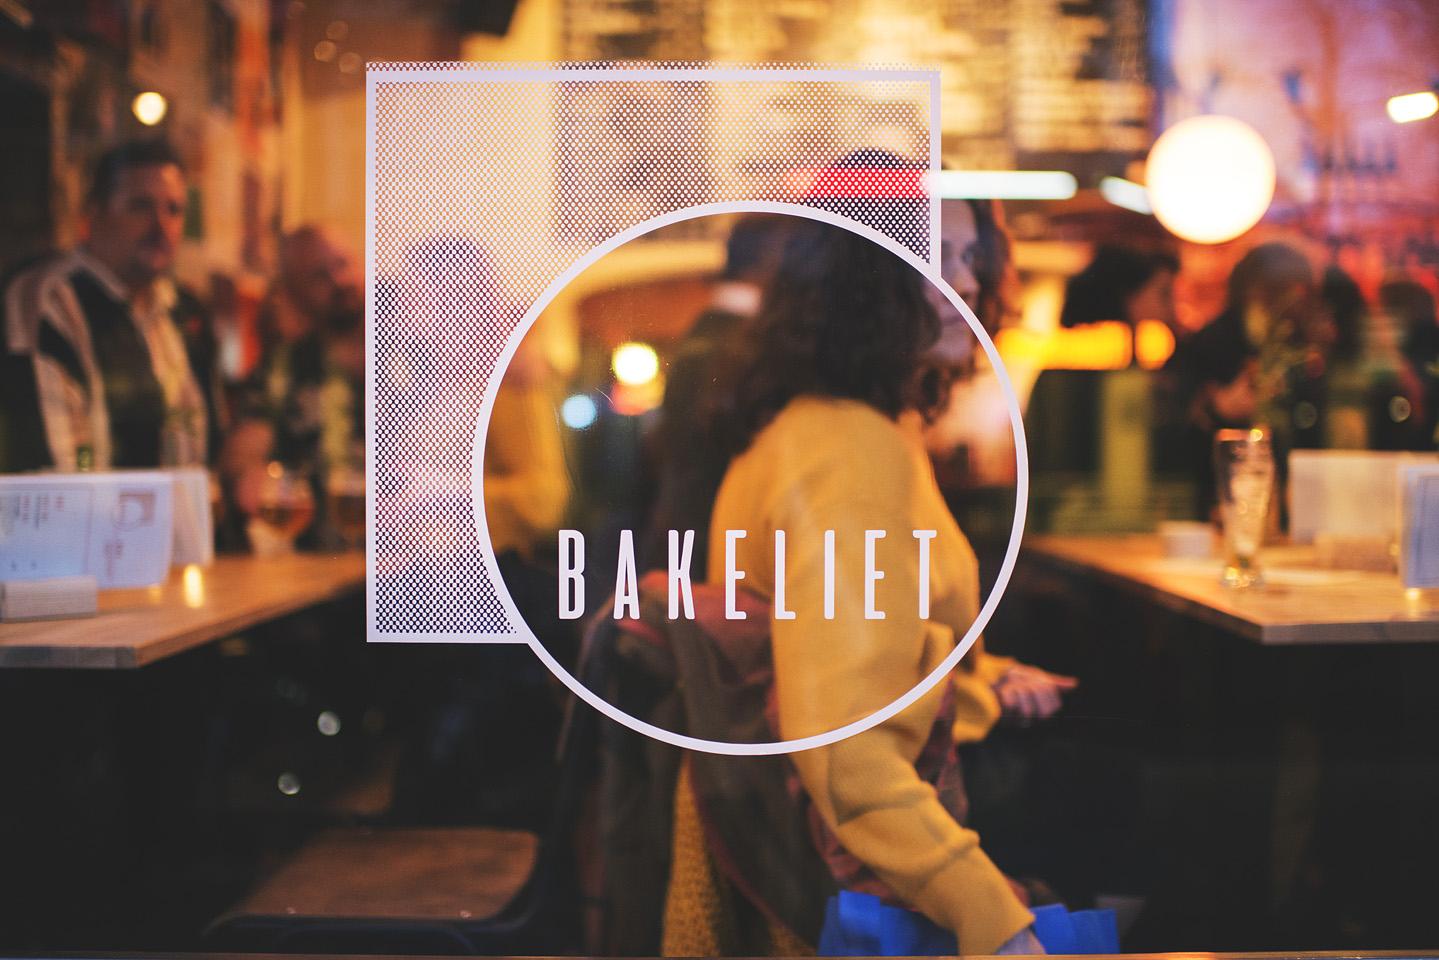 cafe_bakeliet_11